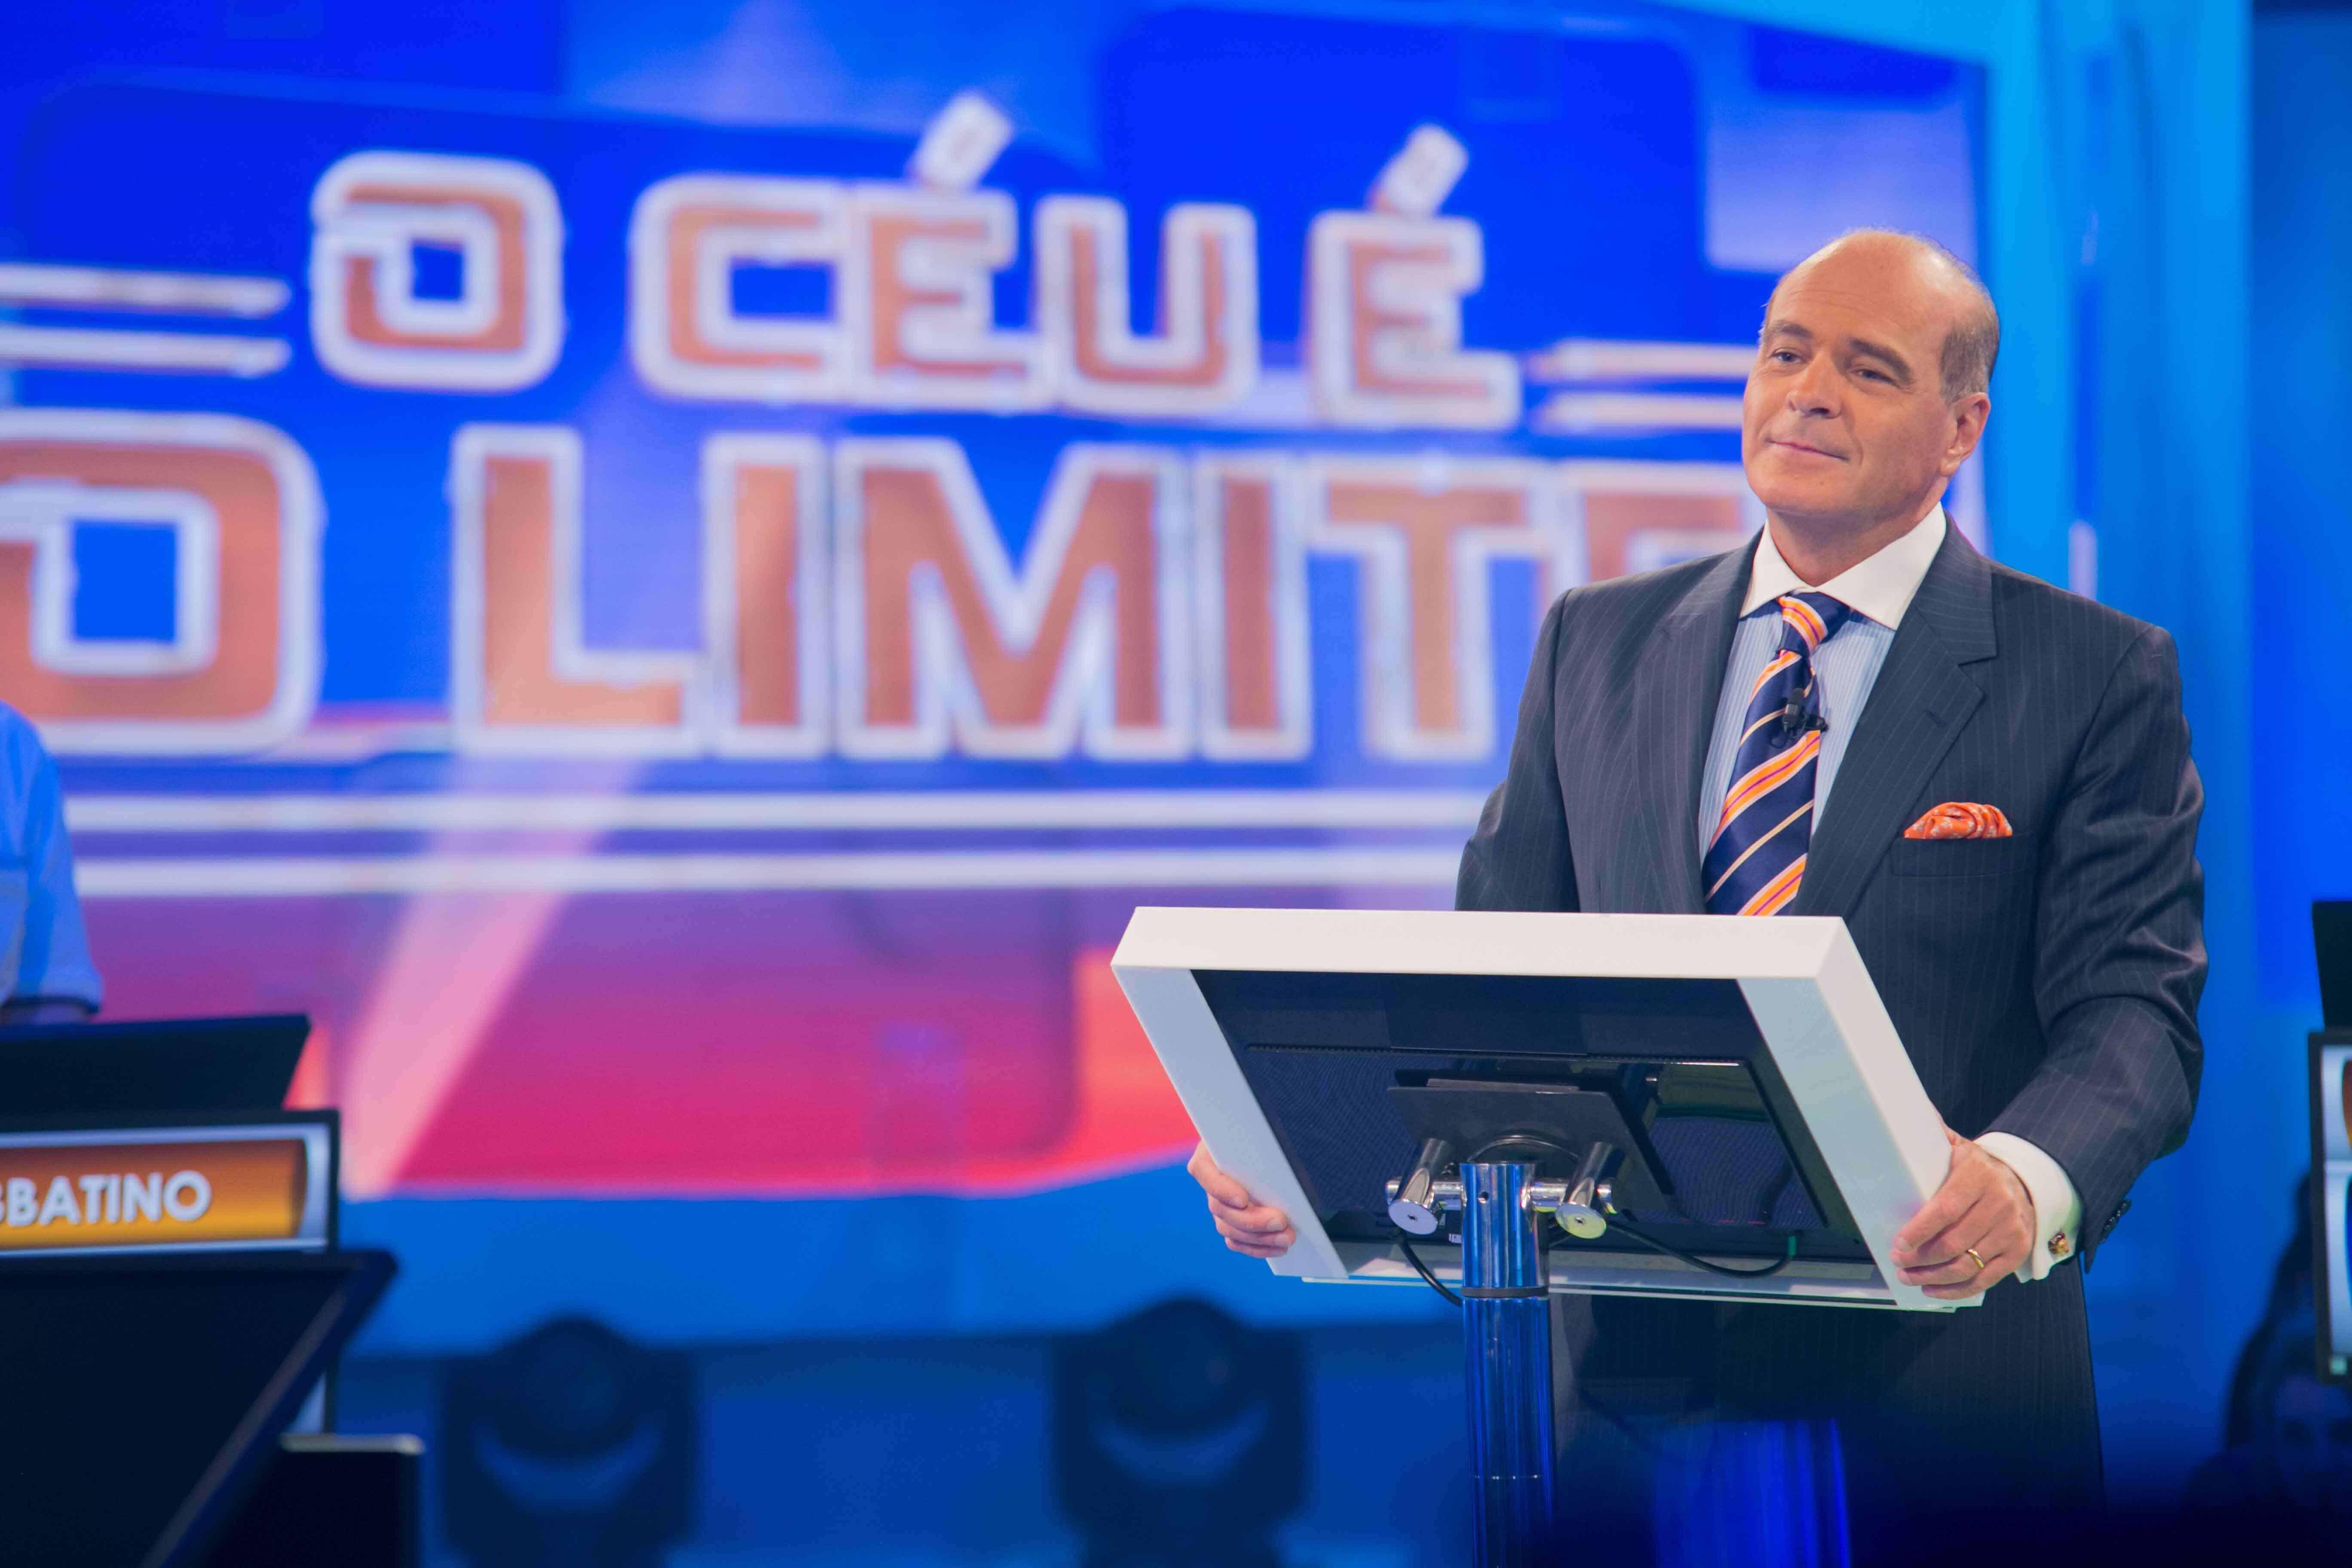 """Marcelo de Carvalho no comando de """"O Céu é o Limite"""", estreia de sábado (11) na RedeTV!"""